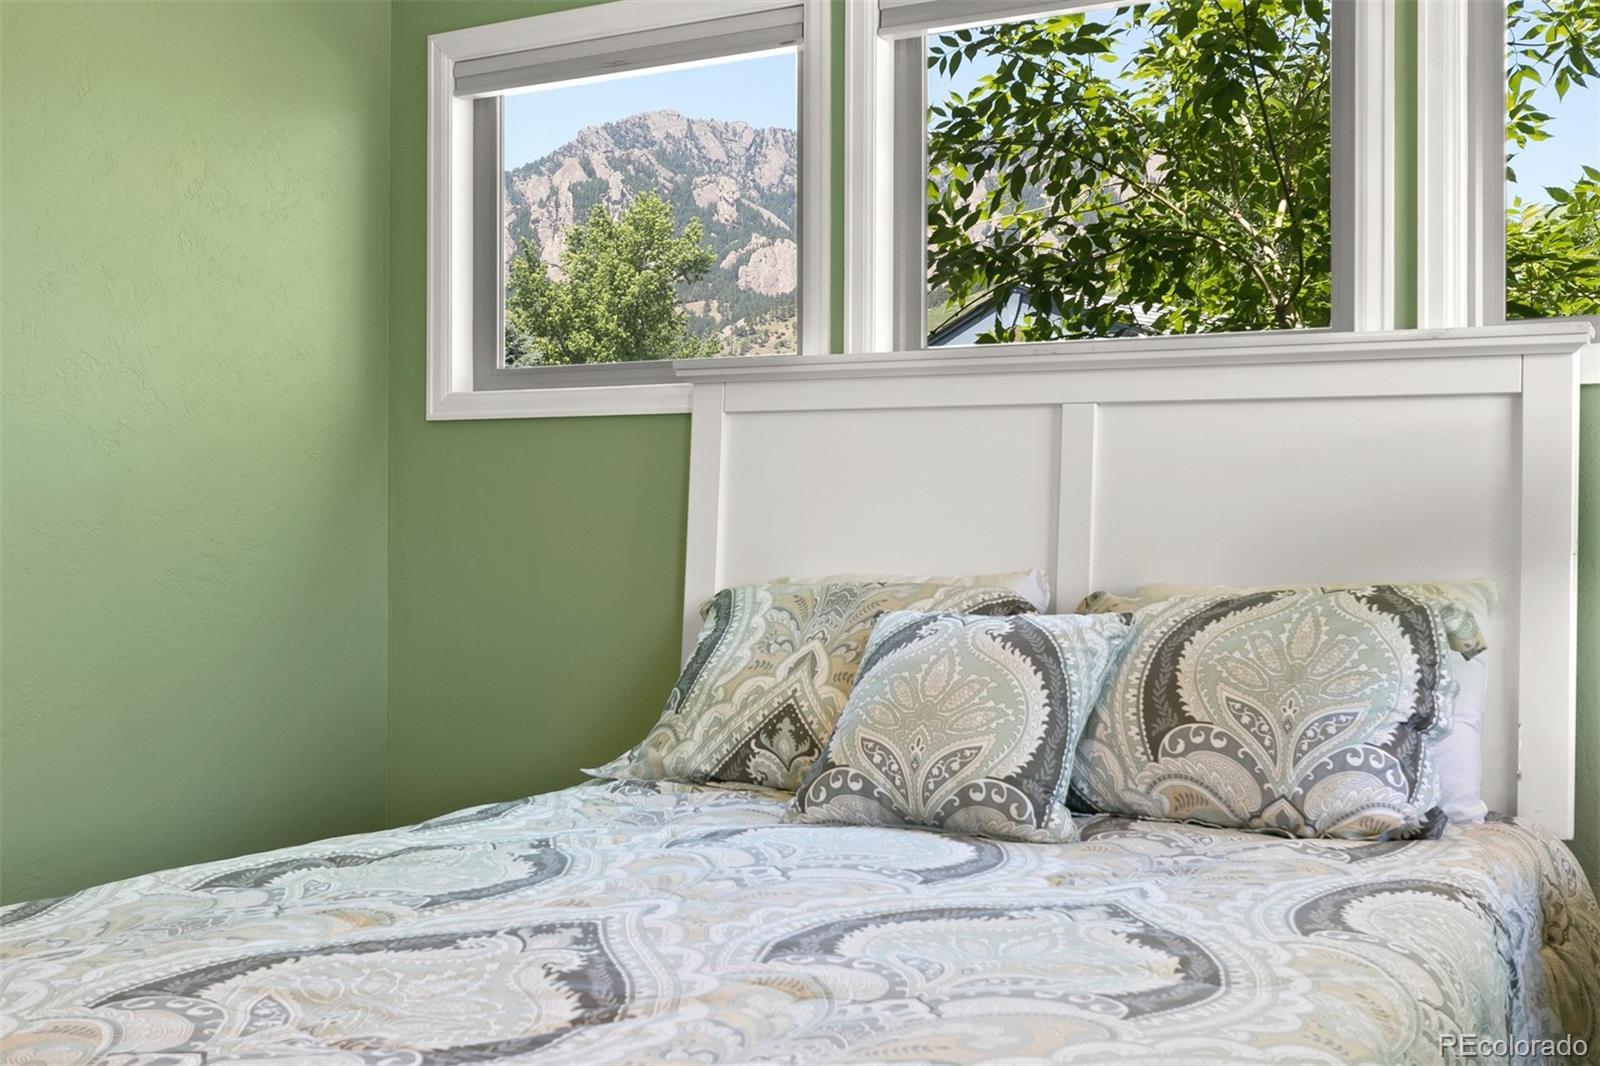 MLS# 2204463 - 18 - 1346 Scrub Oak Circle, Boulder, CO 80305